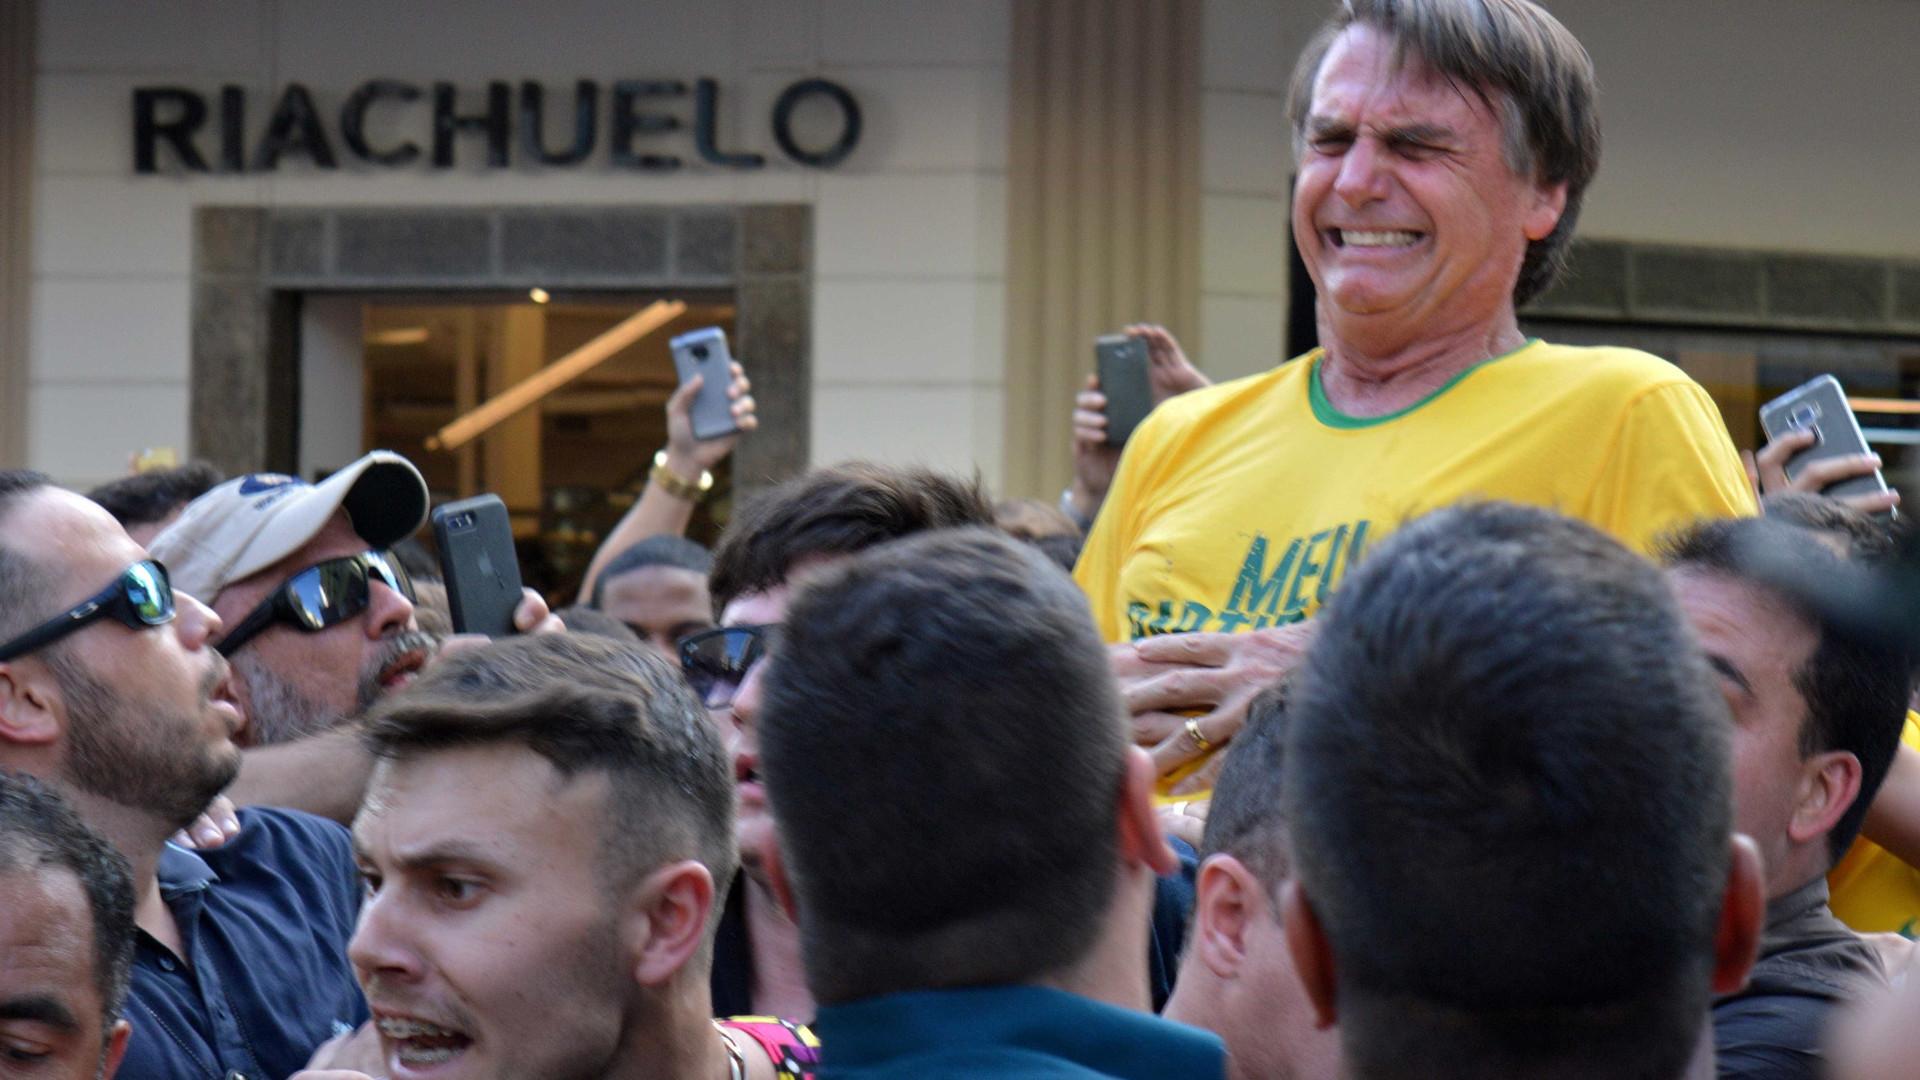 Estado de saúde de Bolsonaro ainda é grave. Fala-se em segunda cirurgia